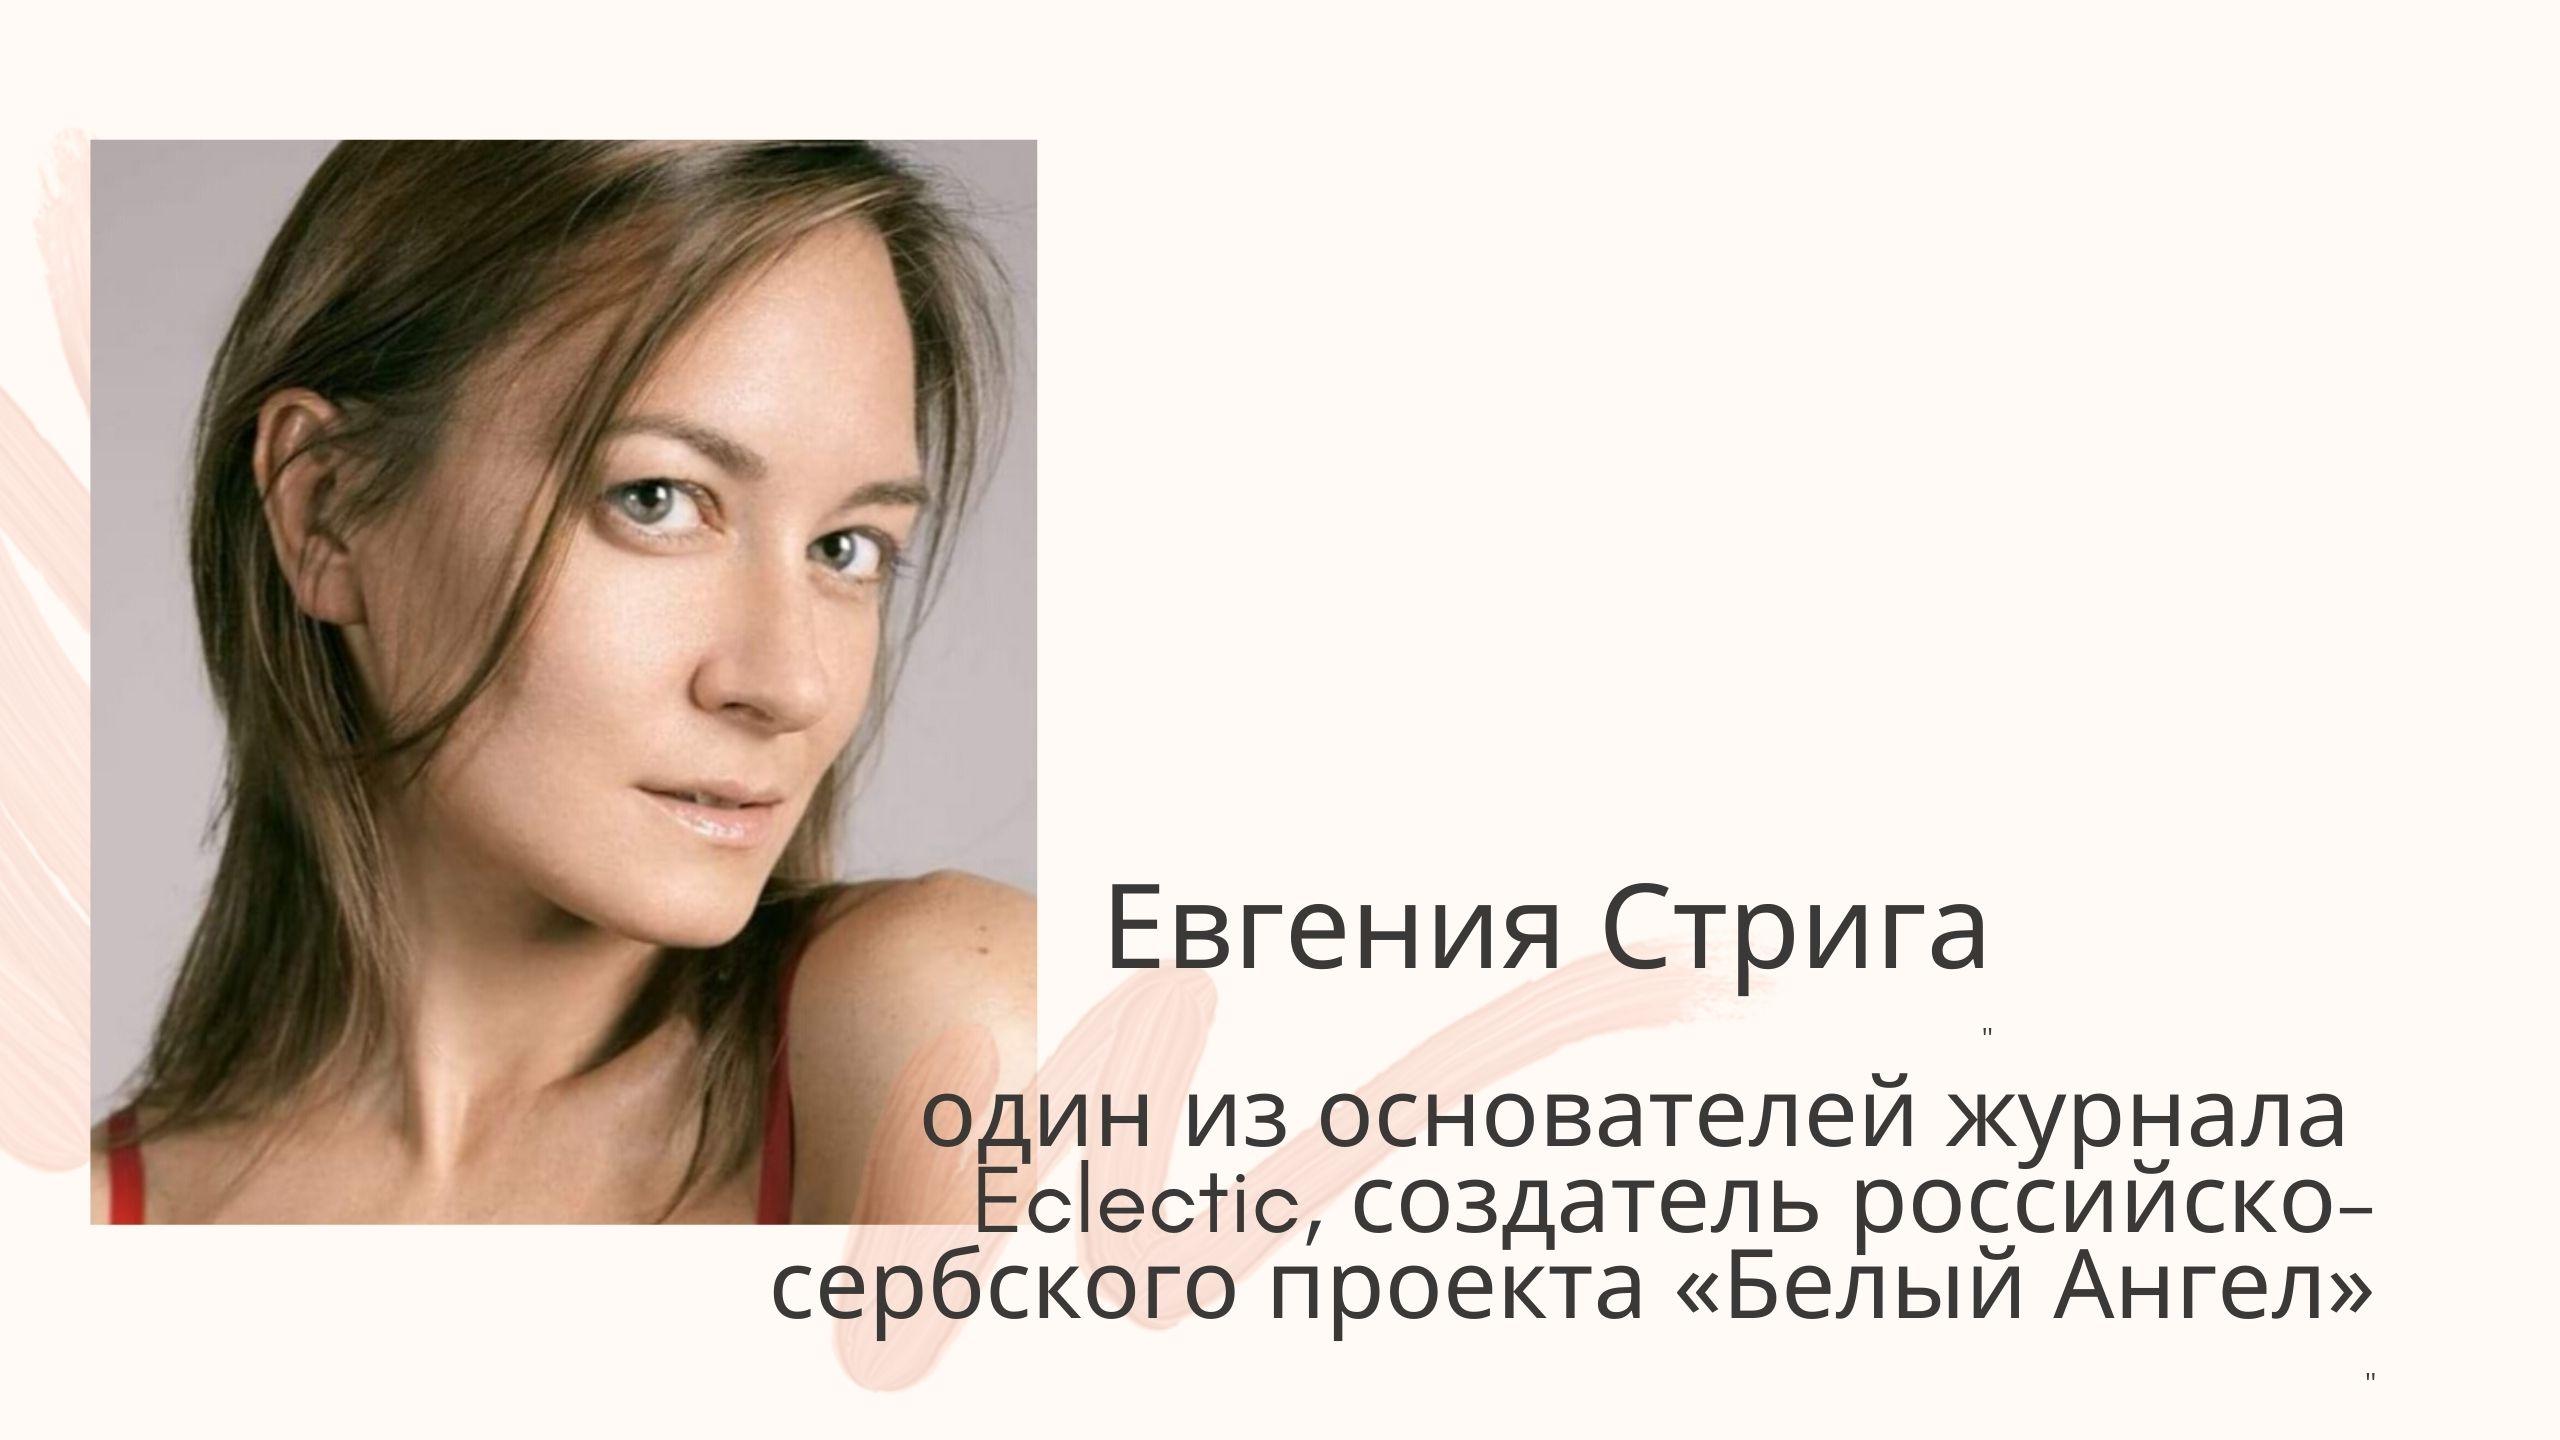 Евгения Стрига в интервью на канале Лиги сравнила российские и сербские медиа